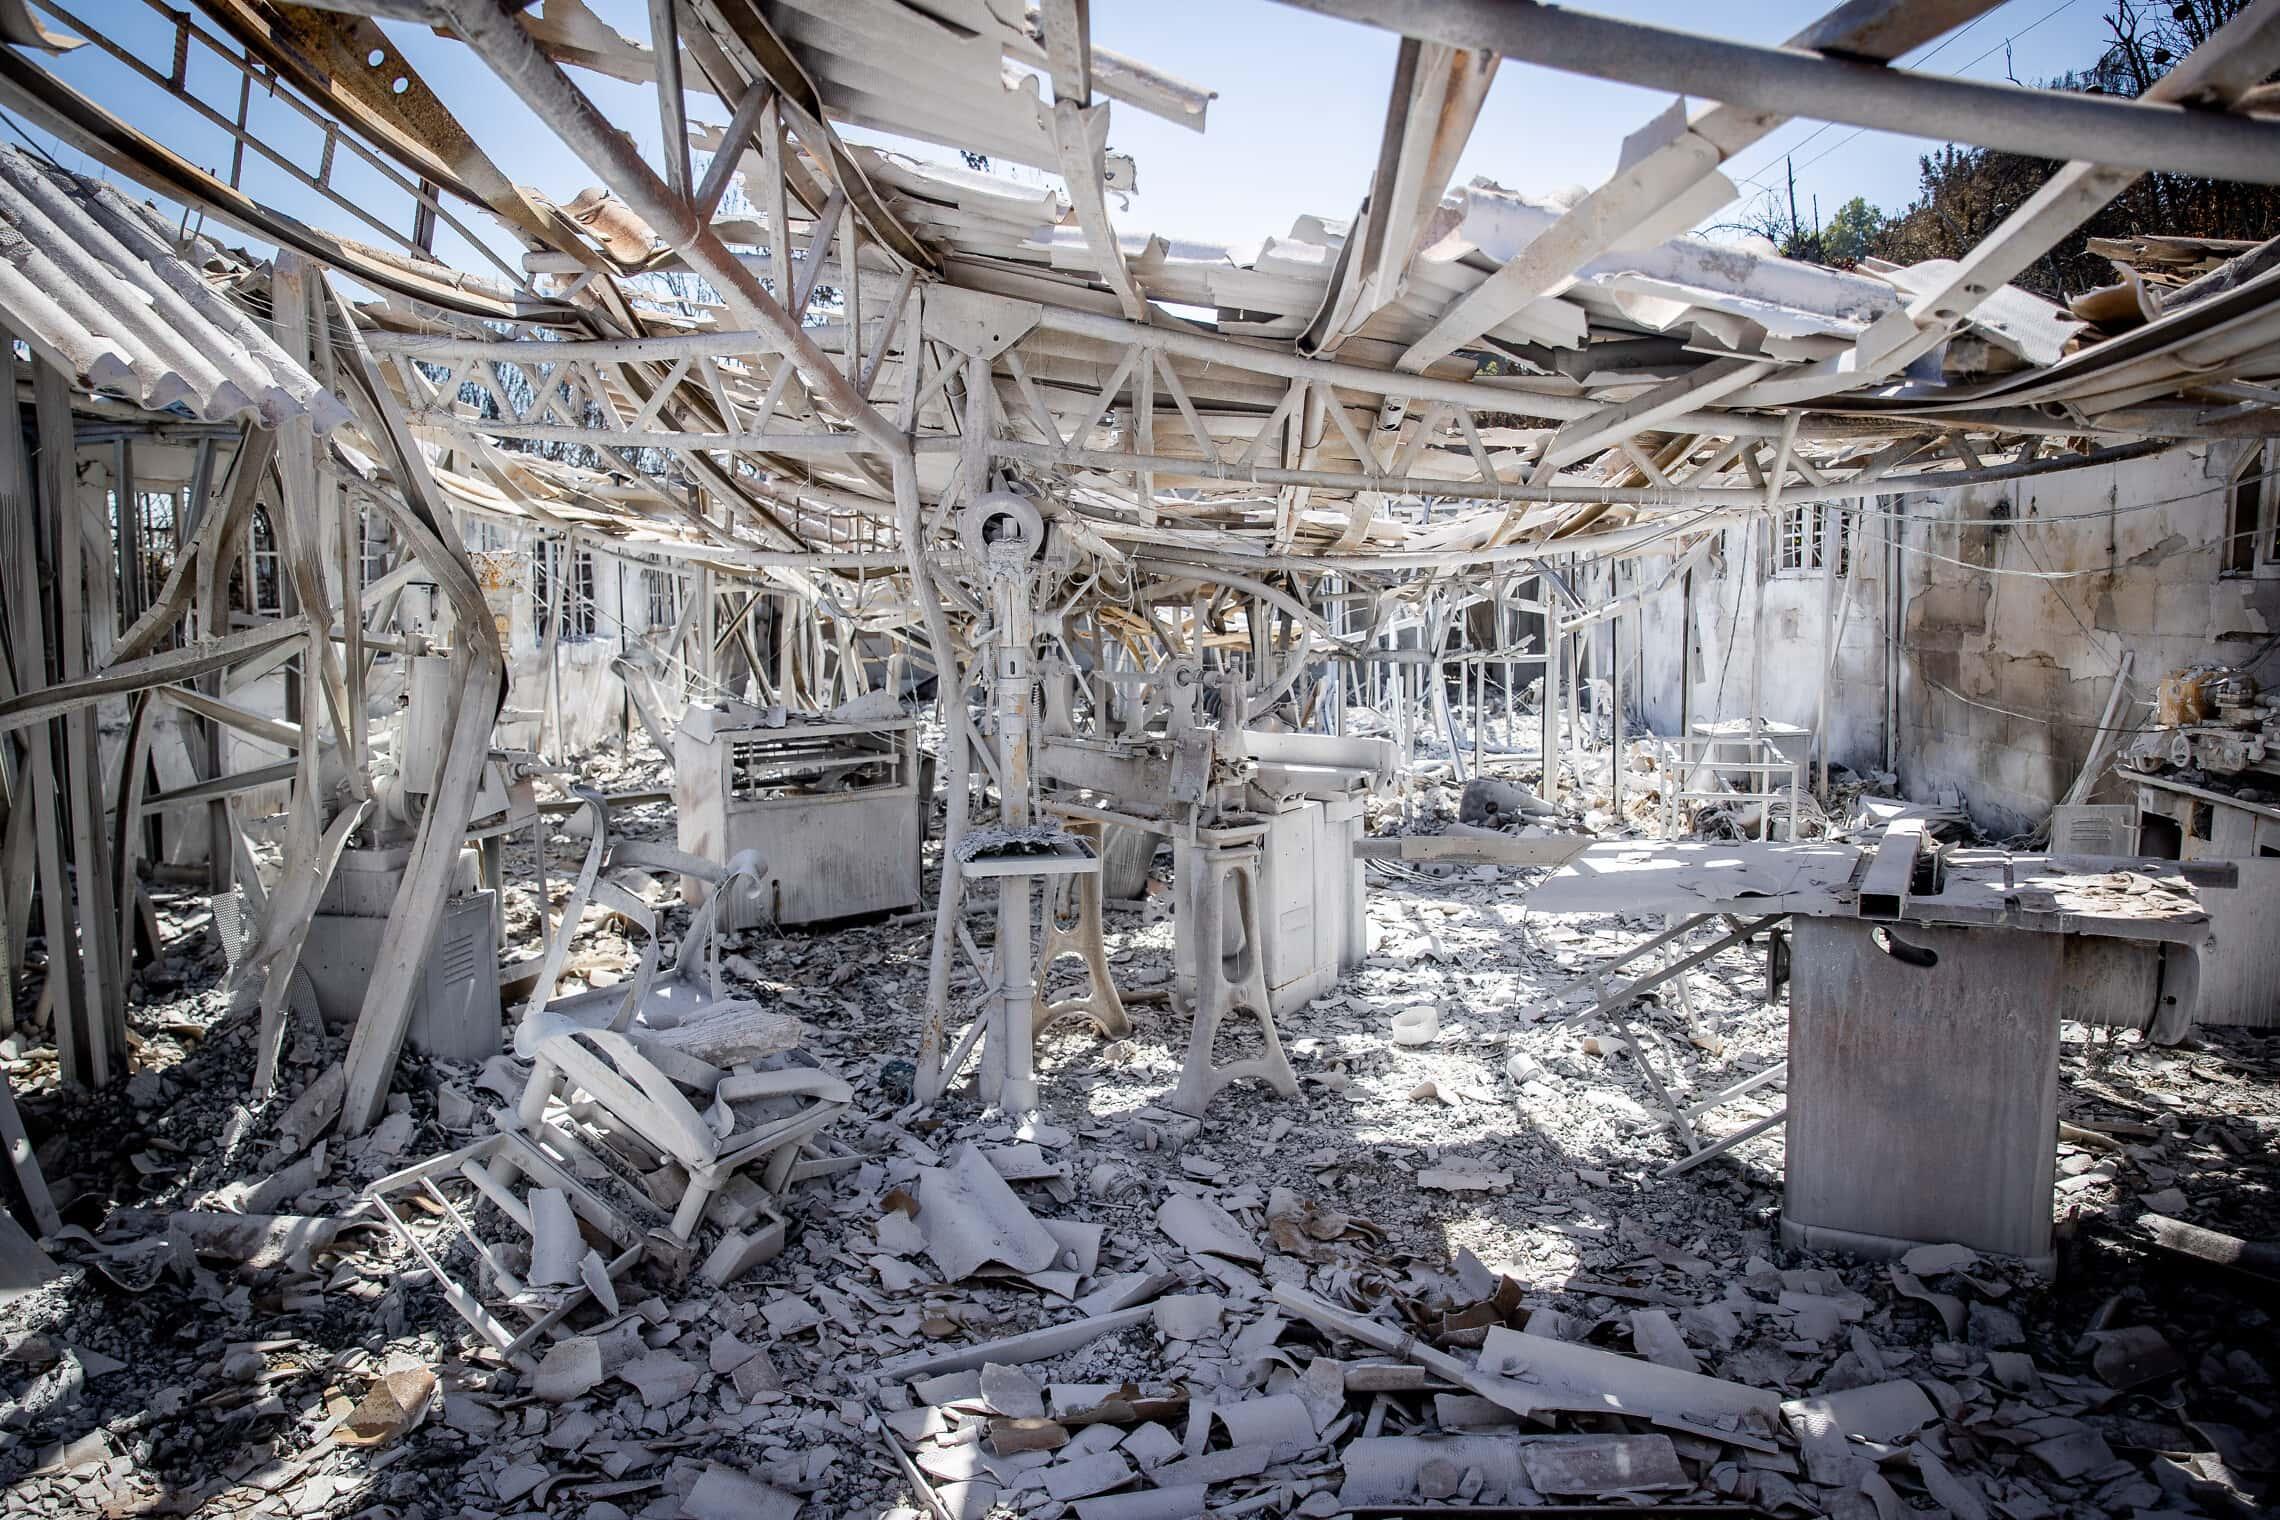 מה שנותר ממפעל לבניית נבלים במושב רמת רזיאל, אחרי השרפה הגדולה בהרי ירושלים, 18 באוגוסט 2021 (צילום: יונתן זינדל/פלאש90)